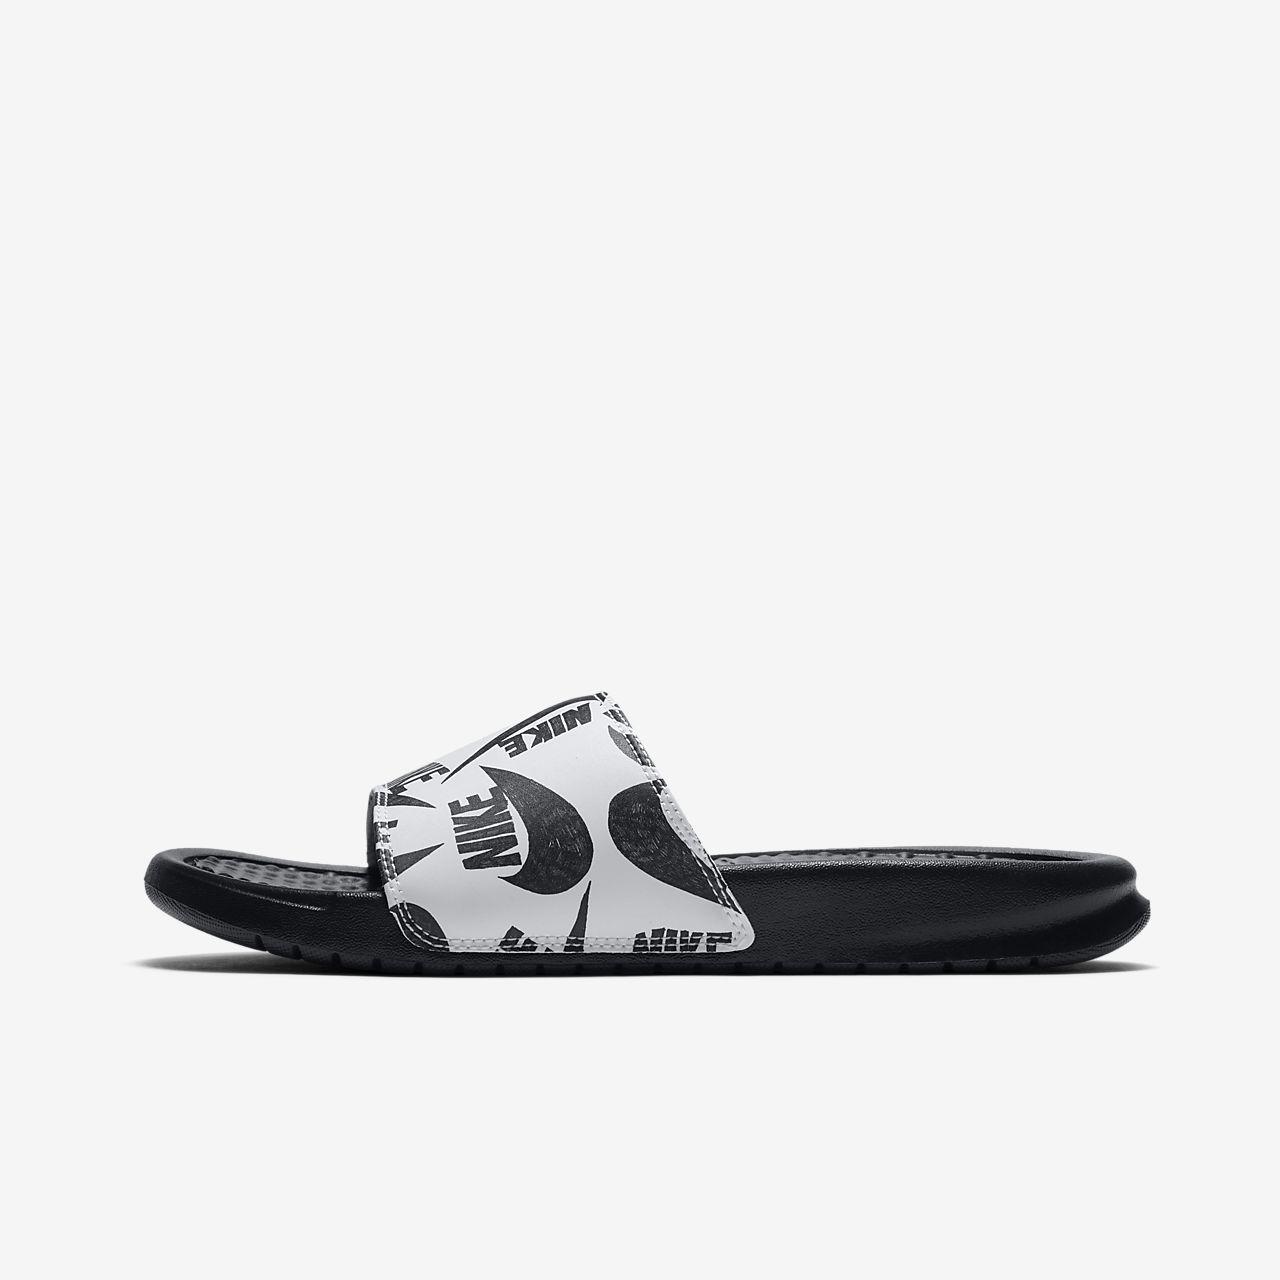 Gyár Női cipő Papucspapucs flip flop ' indián stílusos